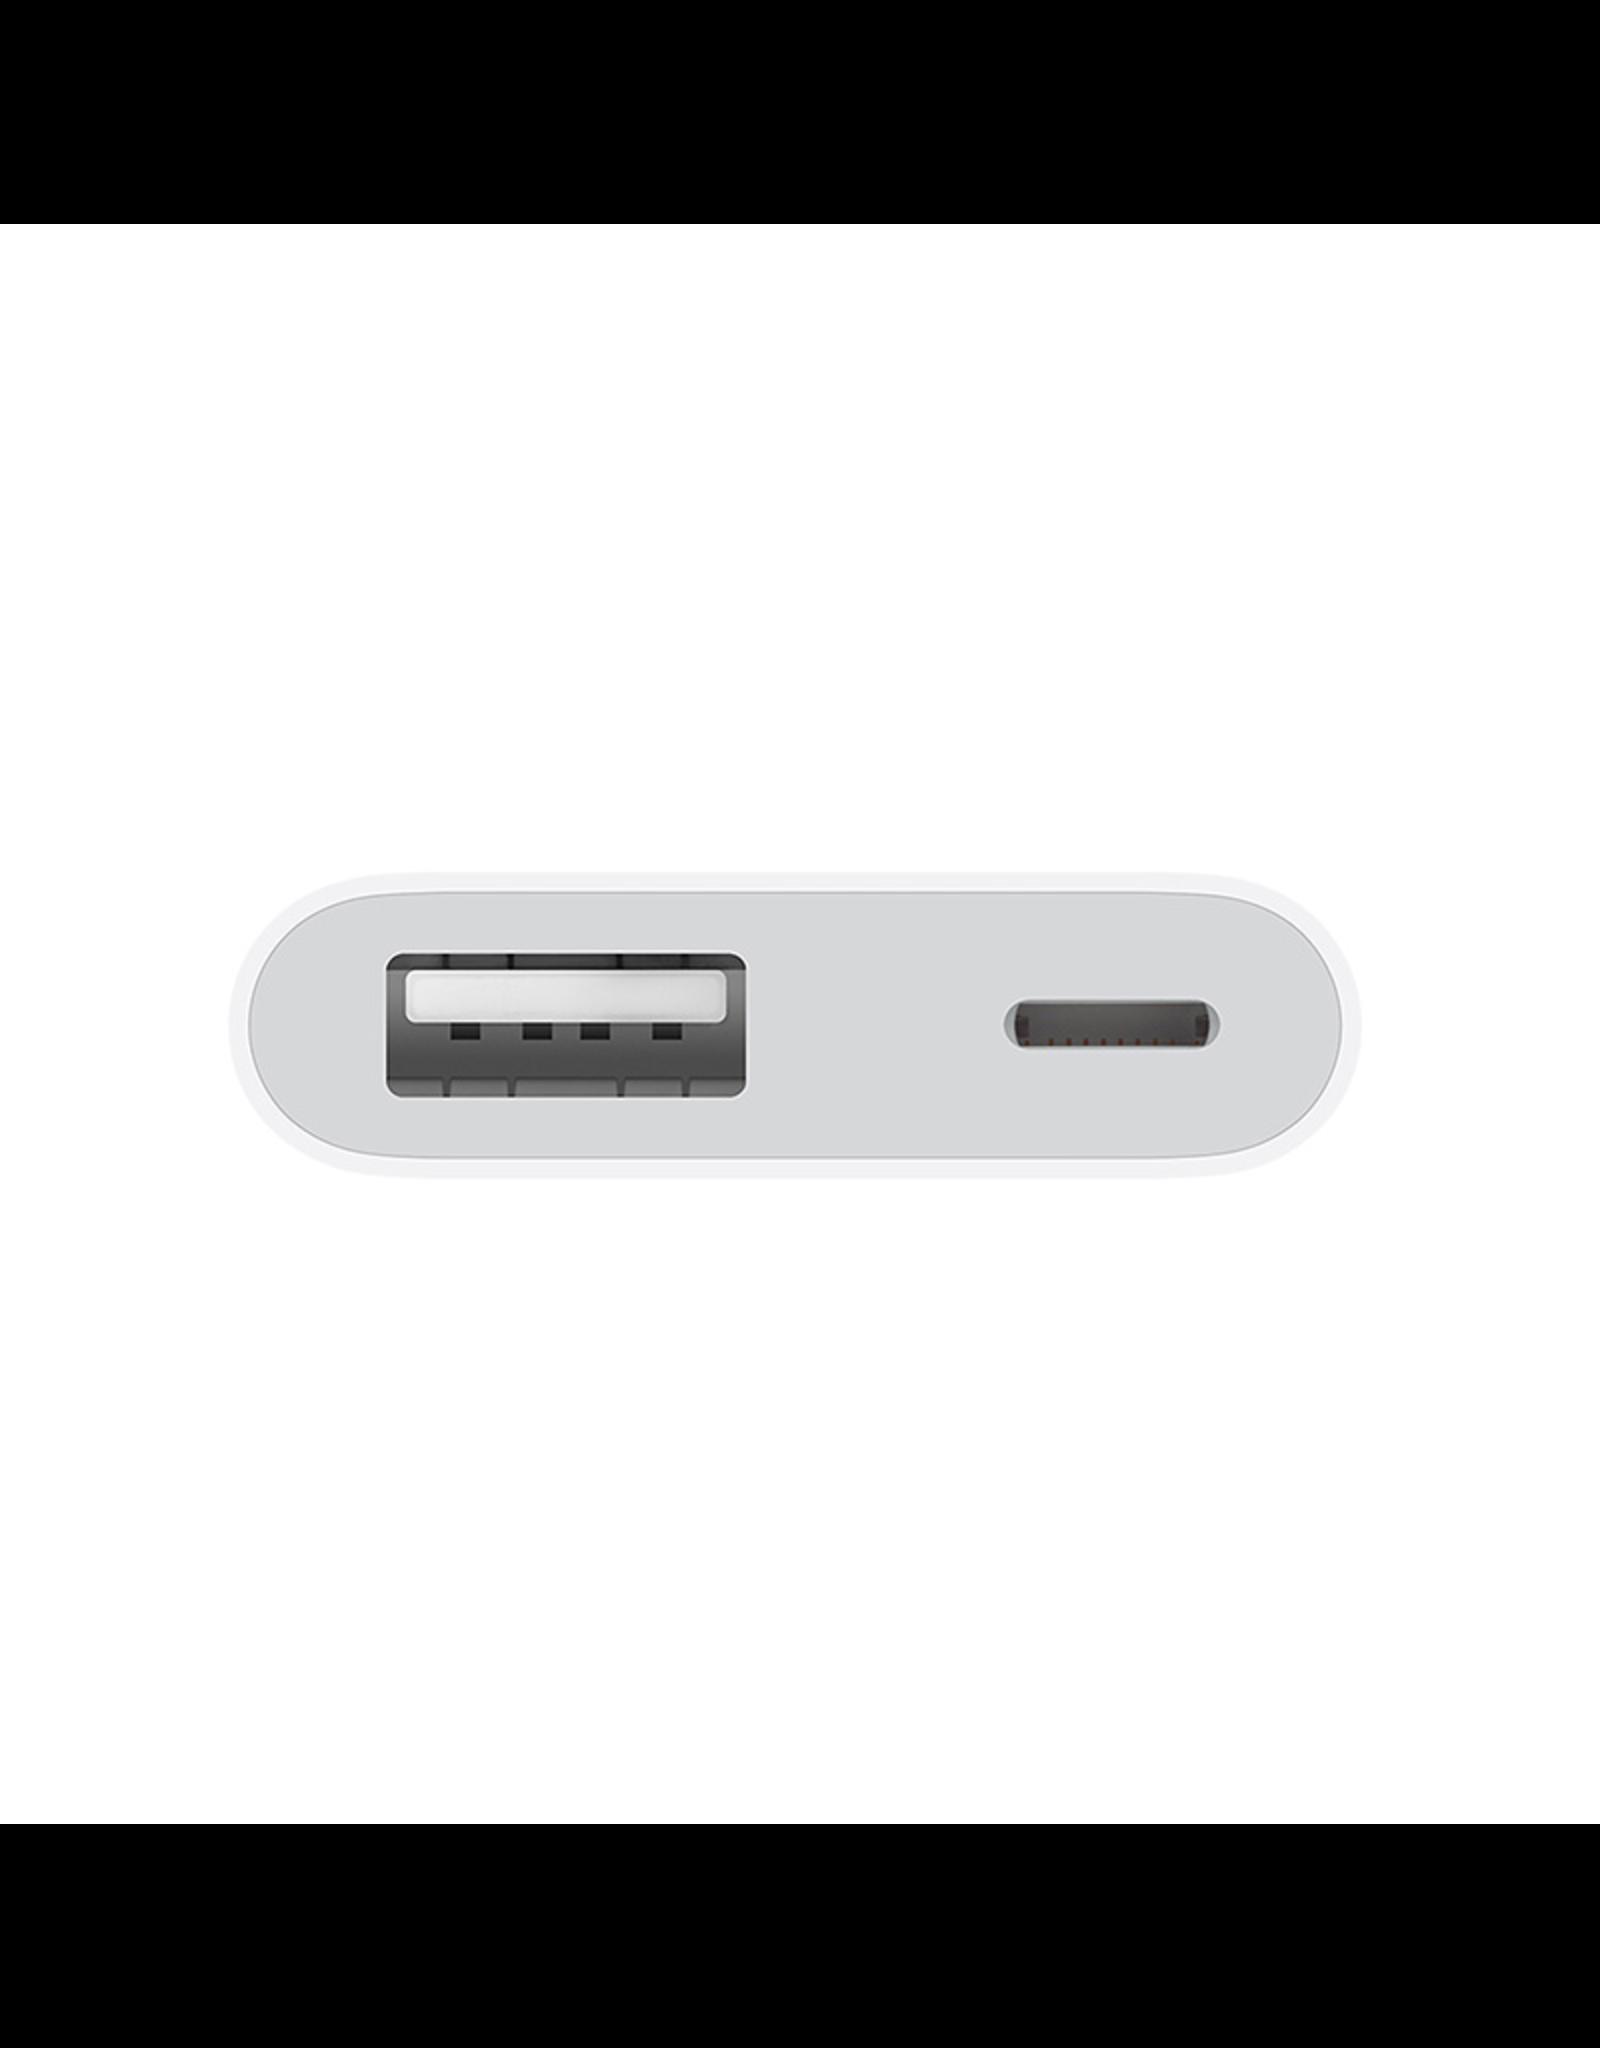 Apple Apple Lightning to USB 3 Camera Adapter